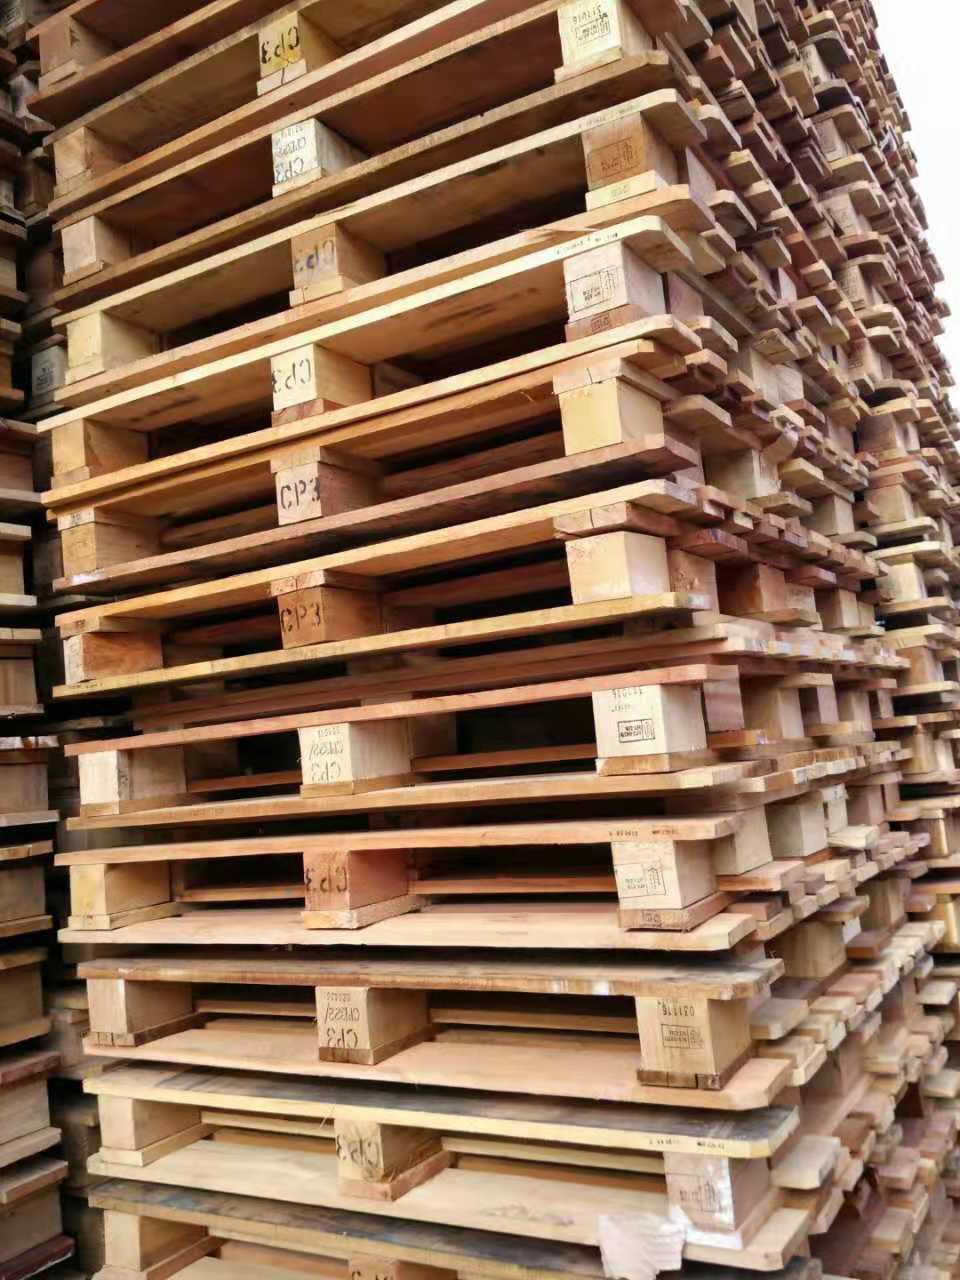 盐田区直销木箱便宜,木箱